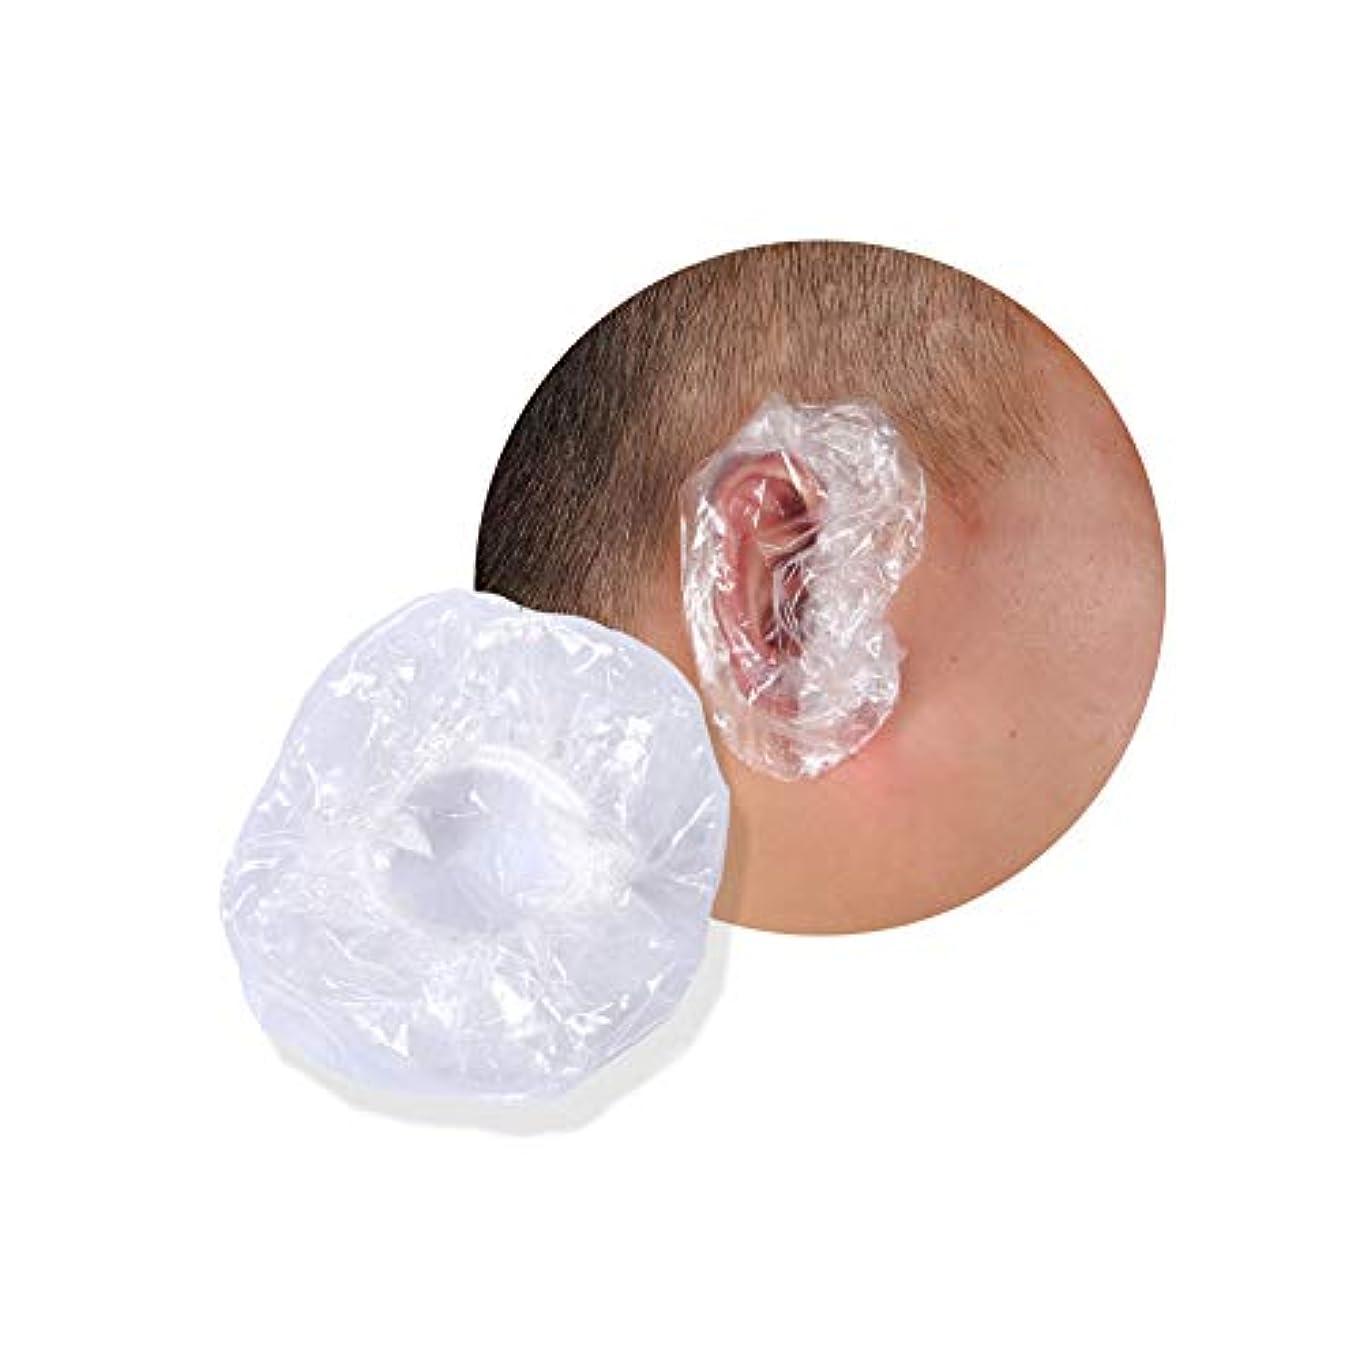 代理店閃光インシデントイヤーキャップ 使い捨て 簡単 装着 透明 ビニール 耳 保護 カバー 毛染め パーマ 縮毛矯正 シャンプー トリートメント 100個入り